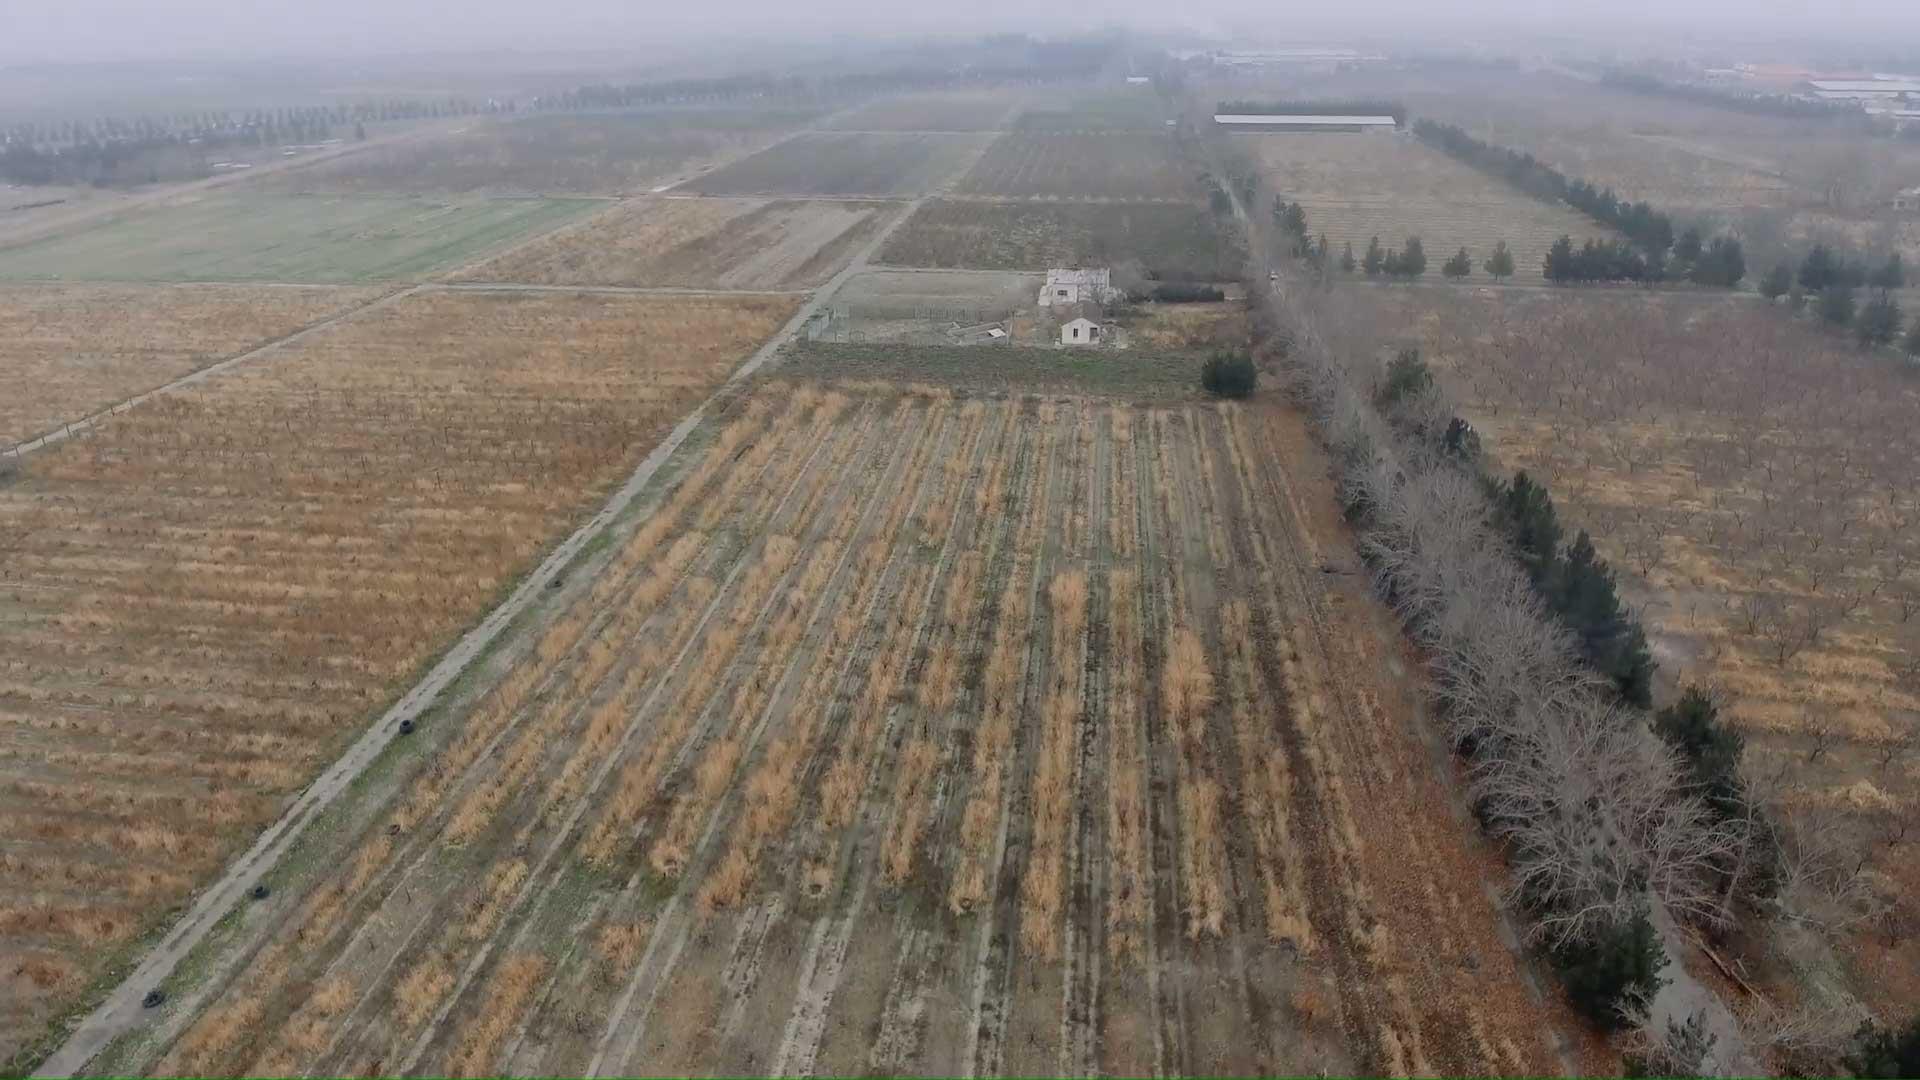 نگاهی به فعالیت و عملکرد شرکت صنعتی و کشاورزی شیرین خراسان در سال زراعی 97